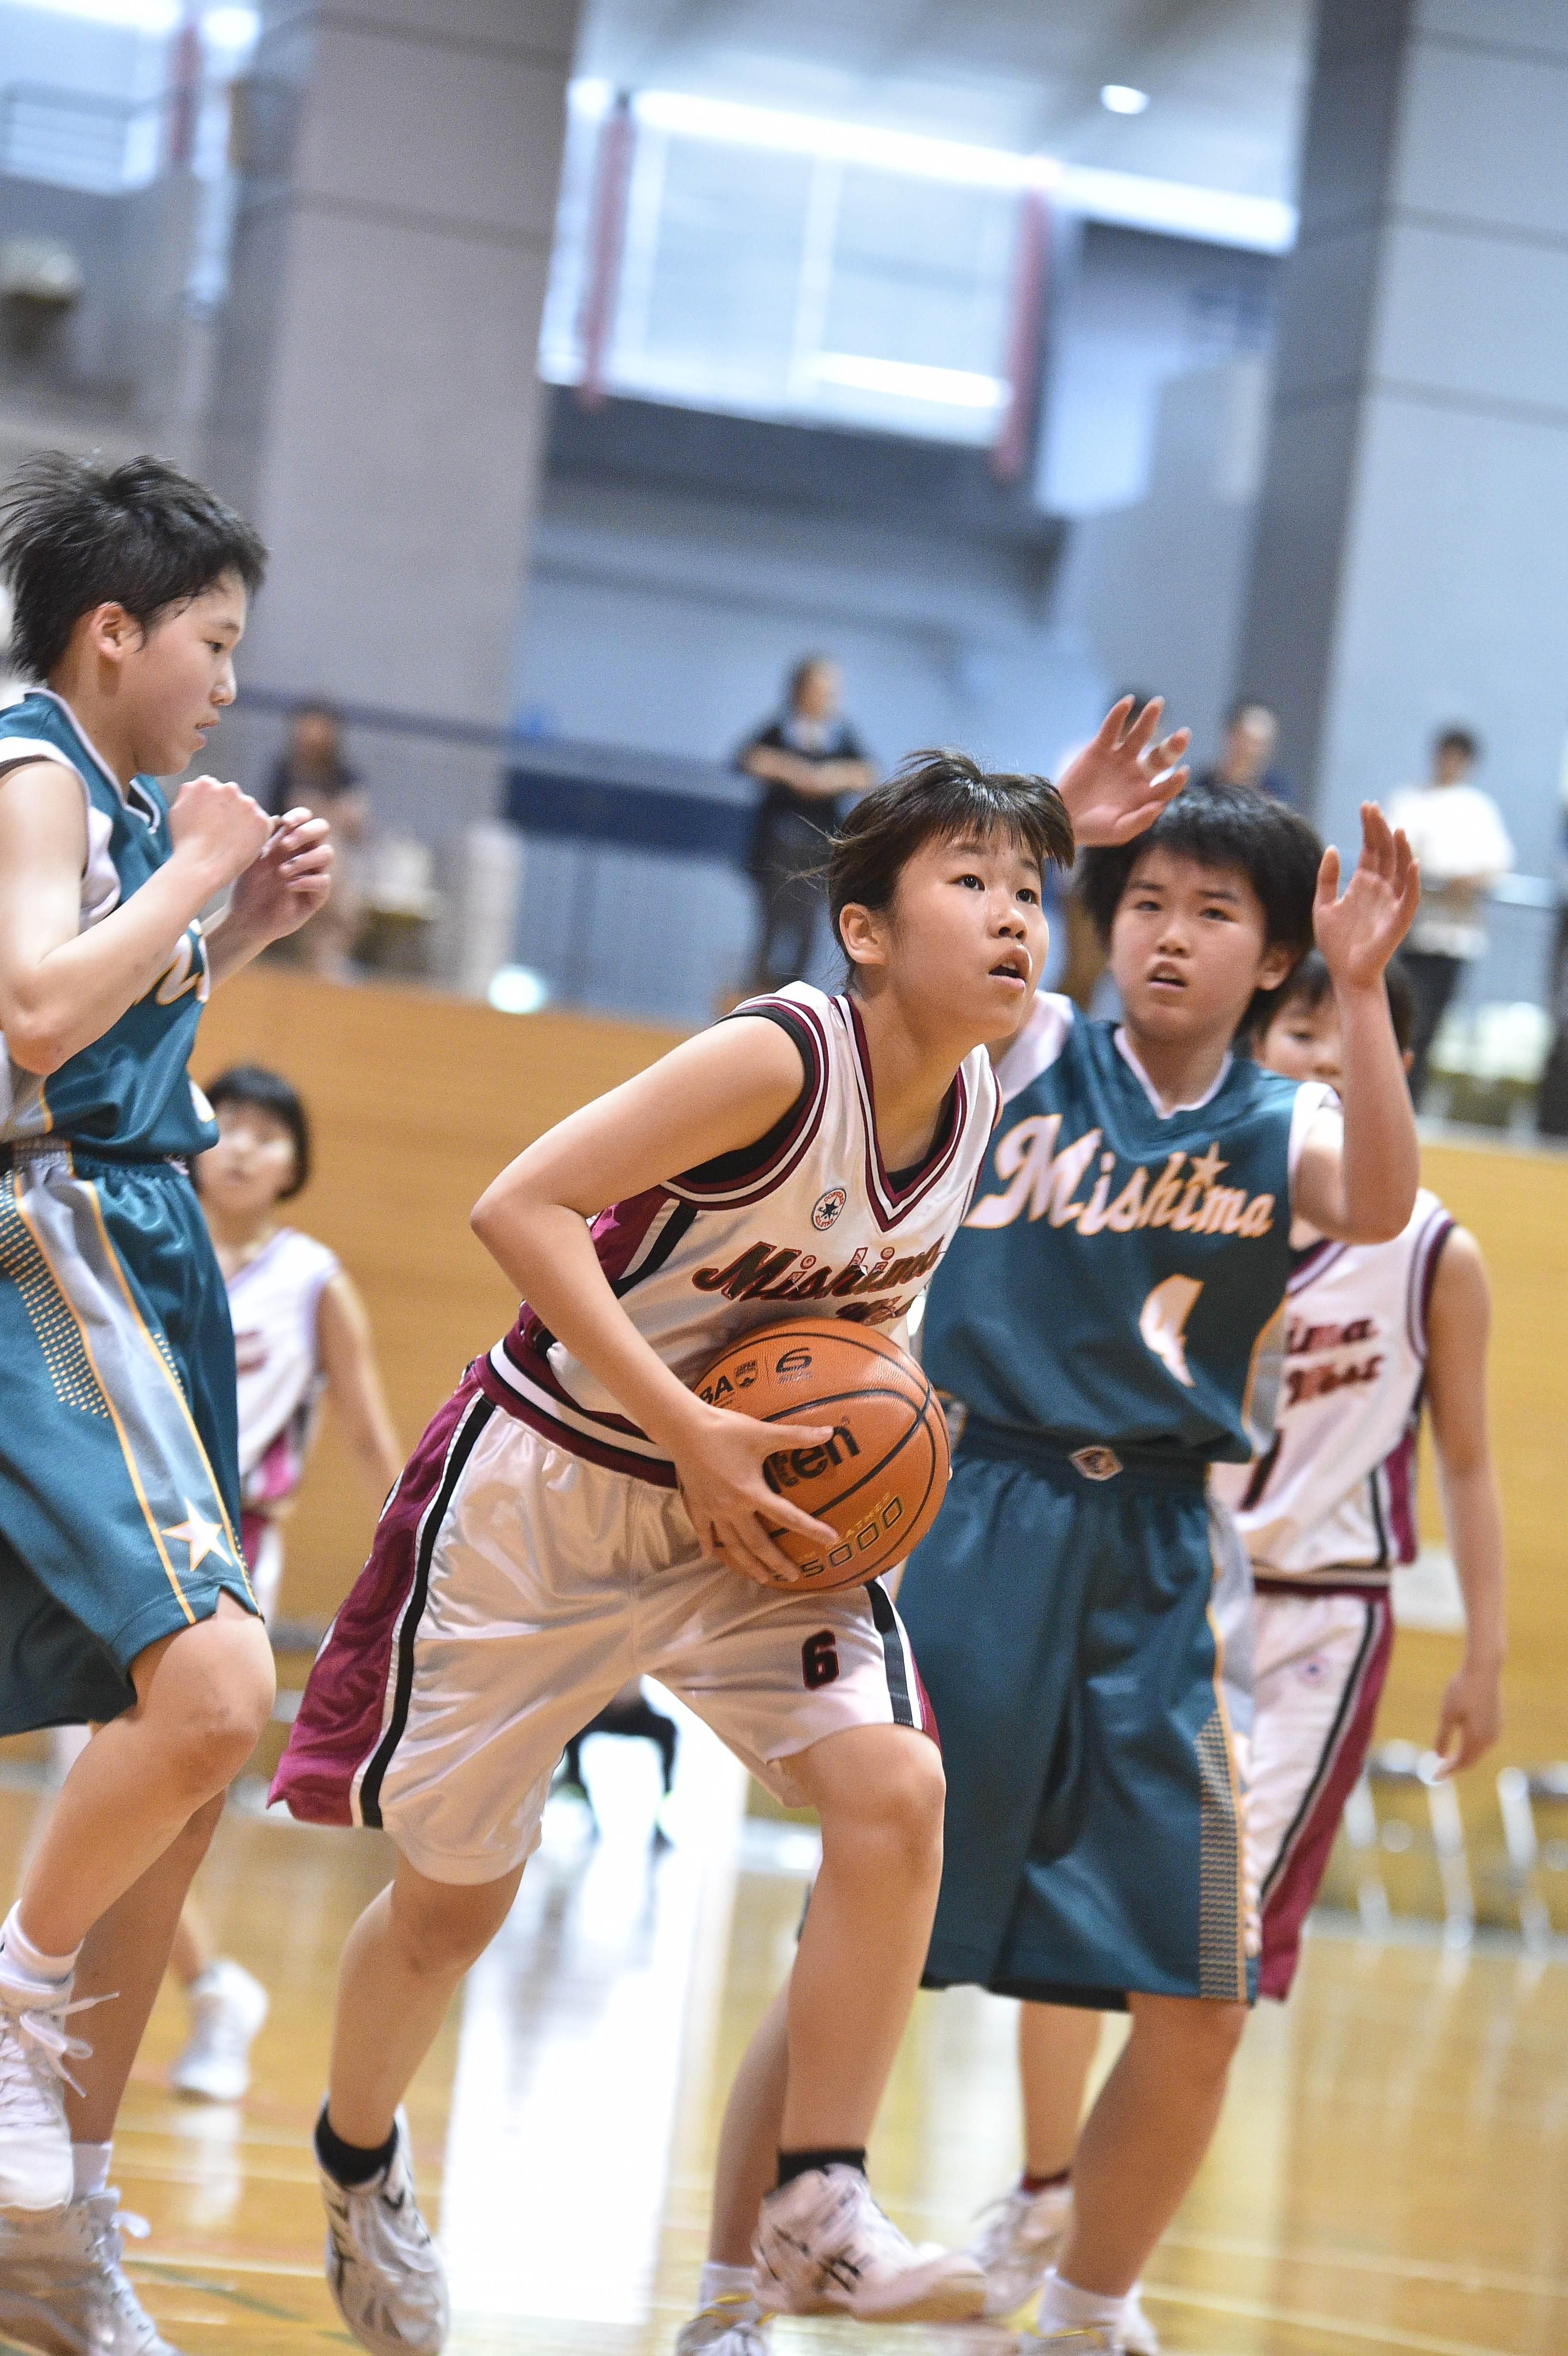 バスケットボール (1)